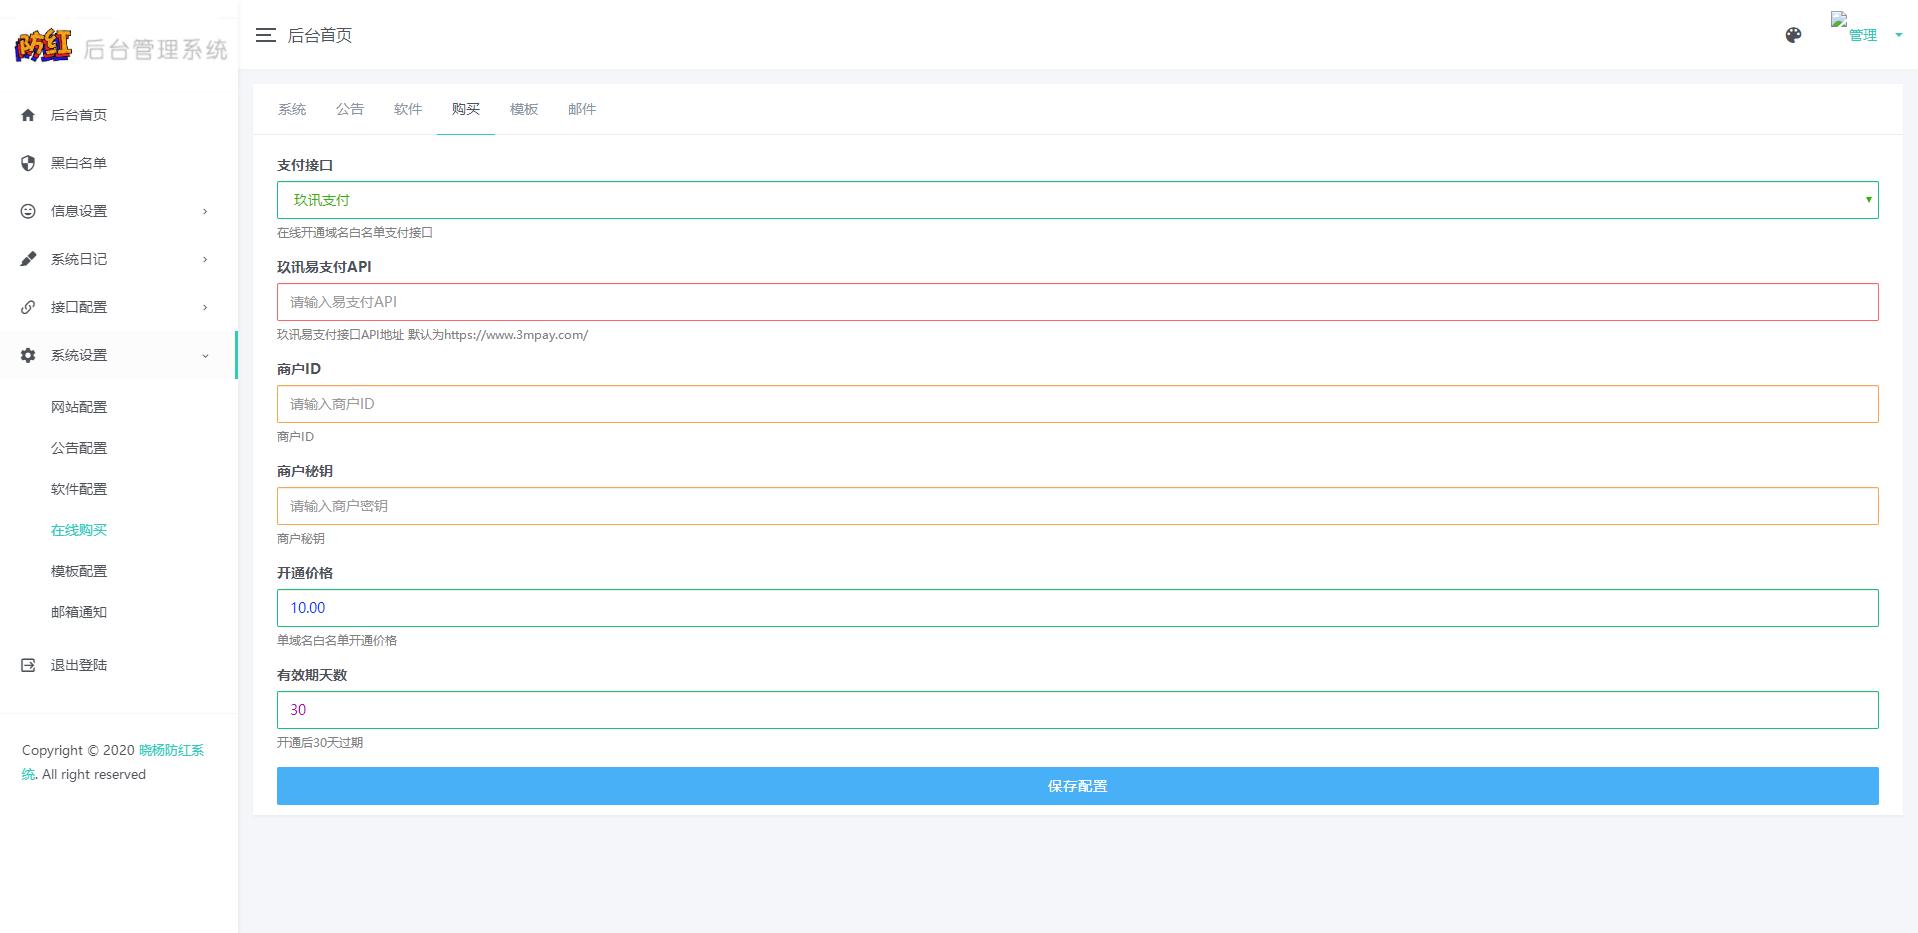 冰狱域名防红系统源码全破译开源系统插图5